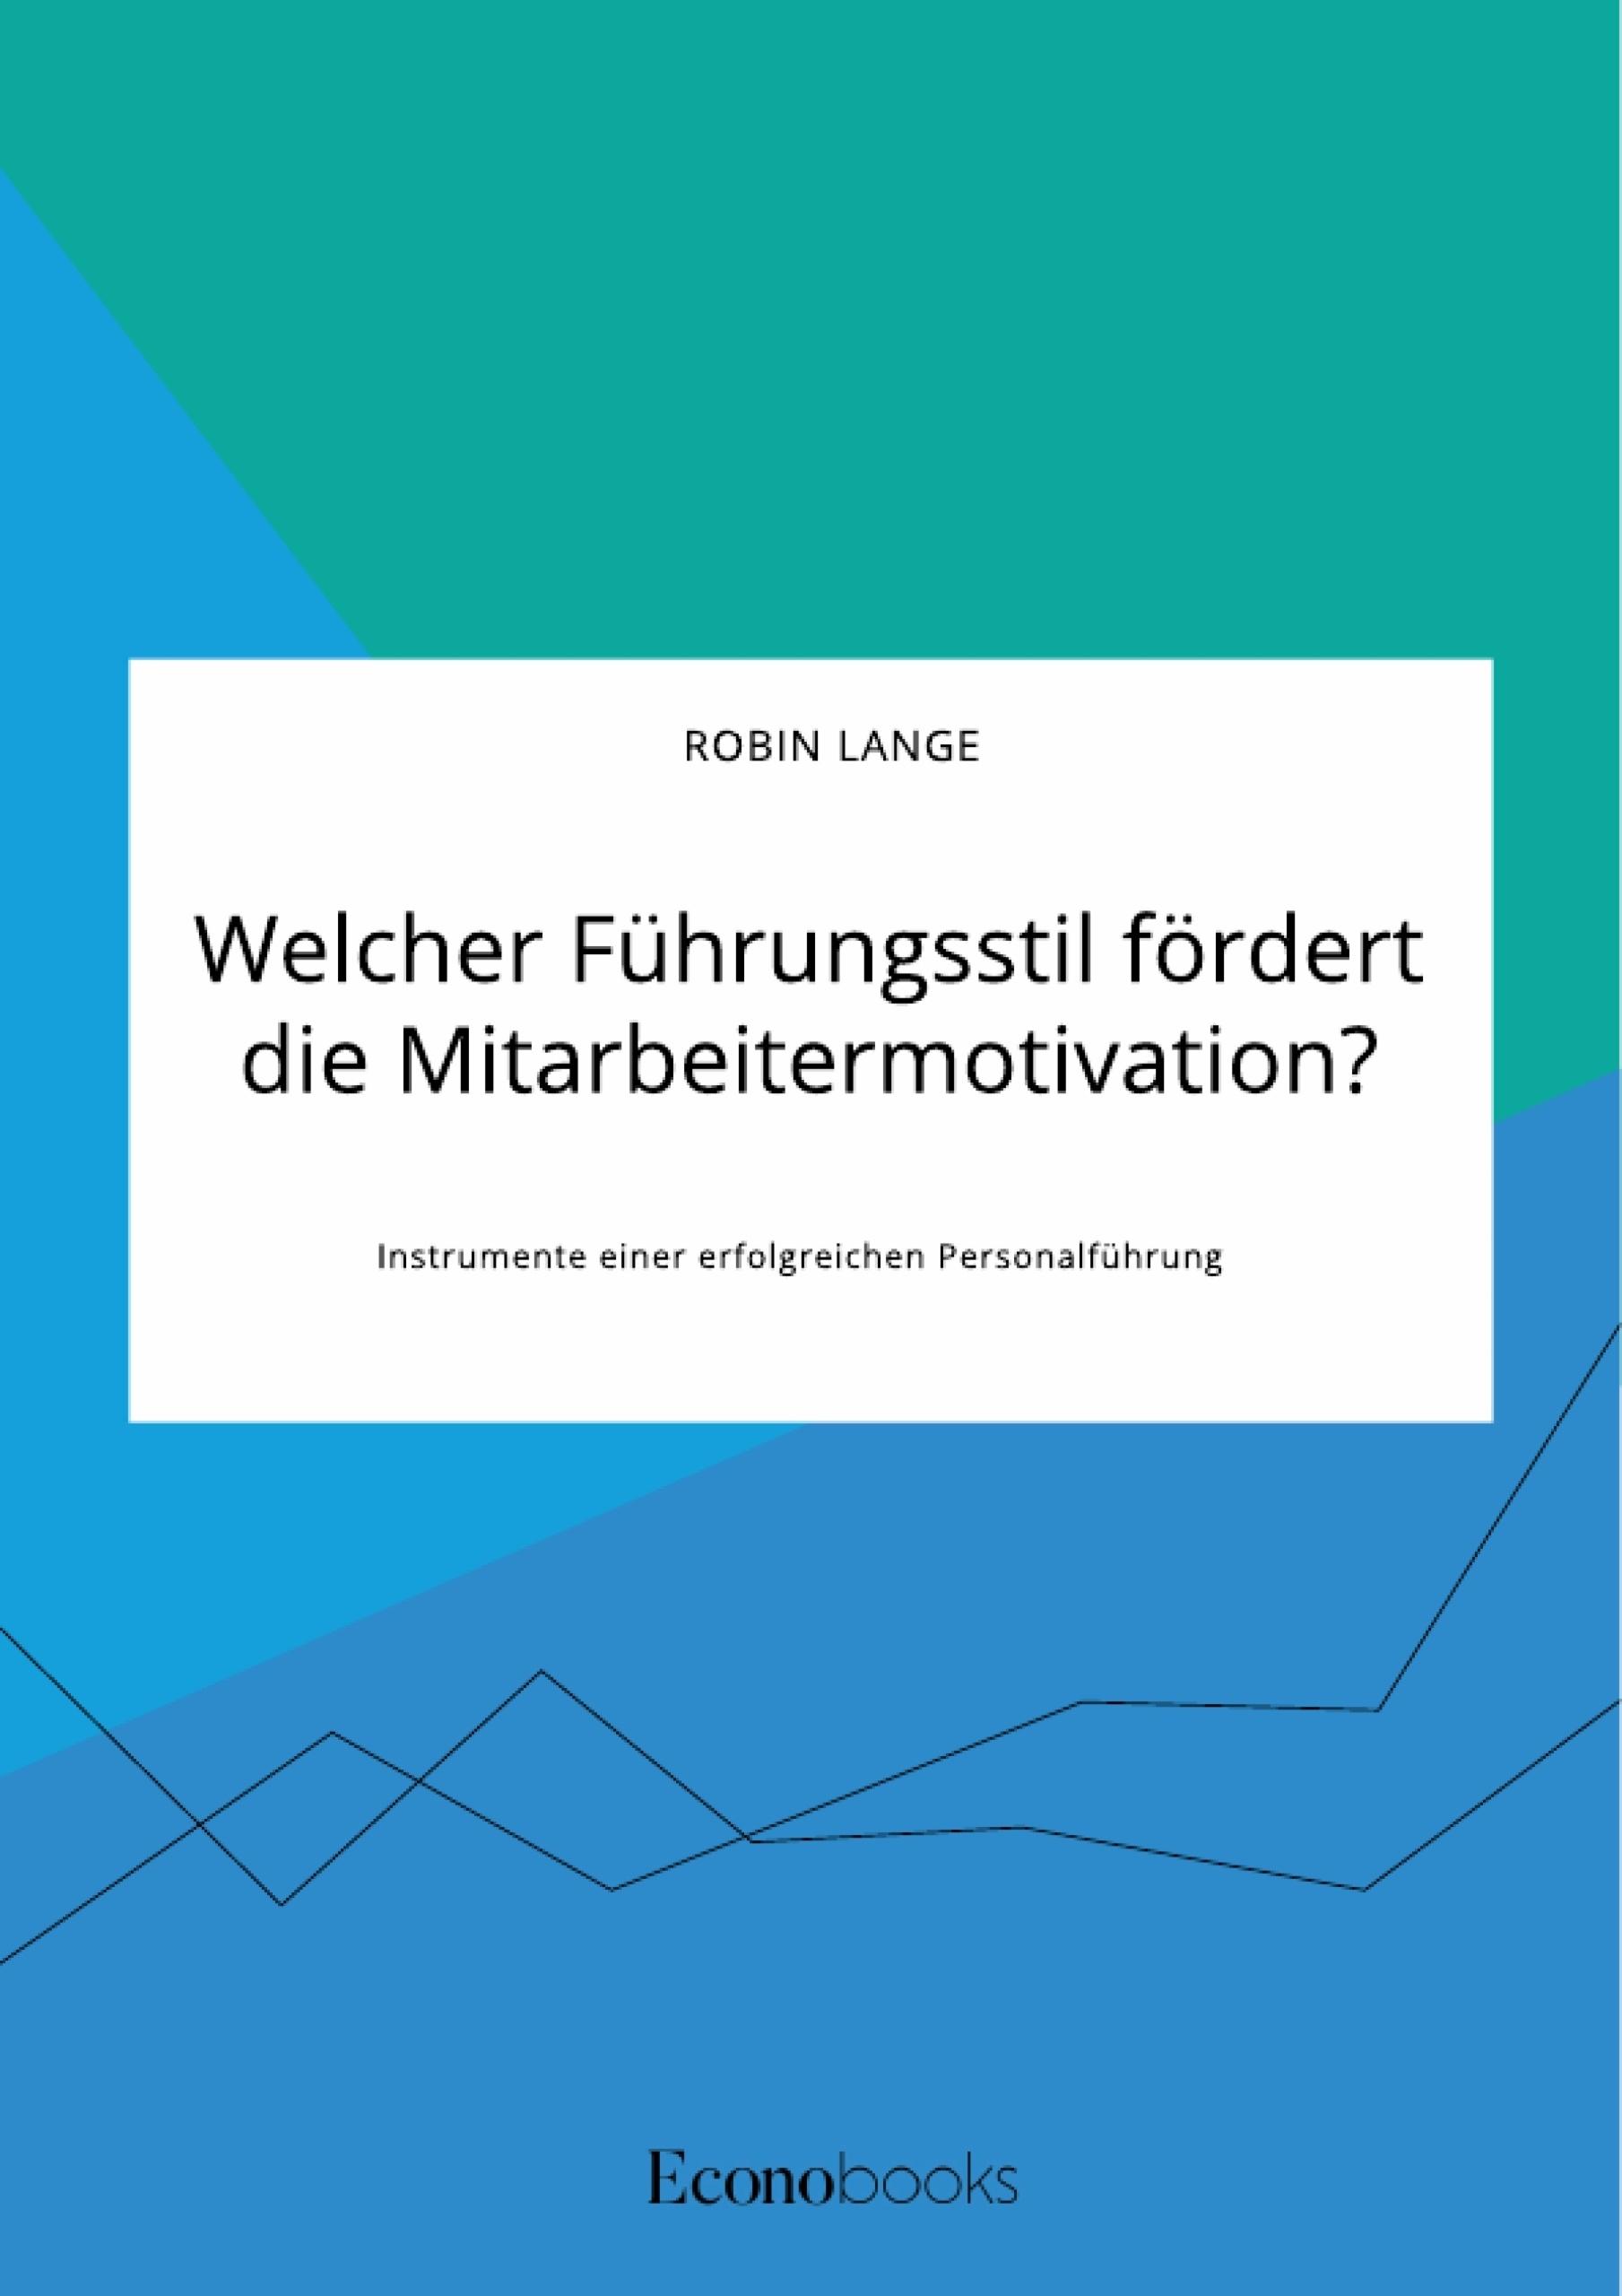 Titel: Welcher Führungsstil fördert die Mitarbeitermotivation? Instrumente einer erfolgreichen Personalführung